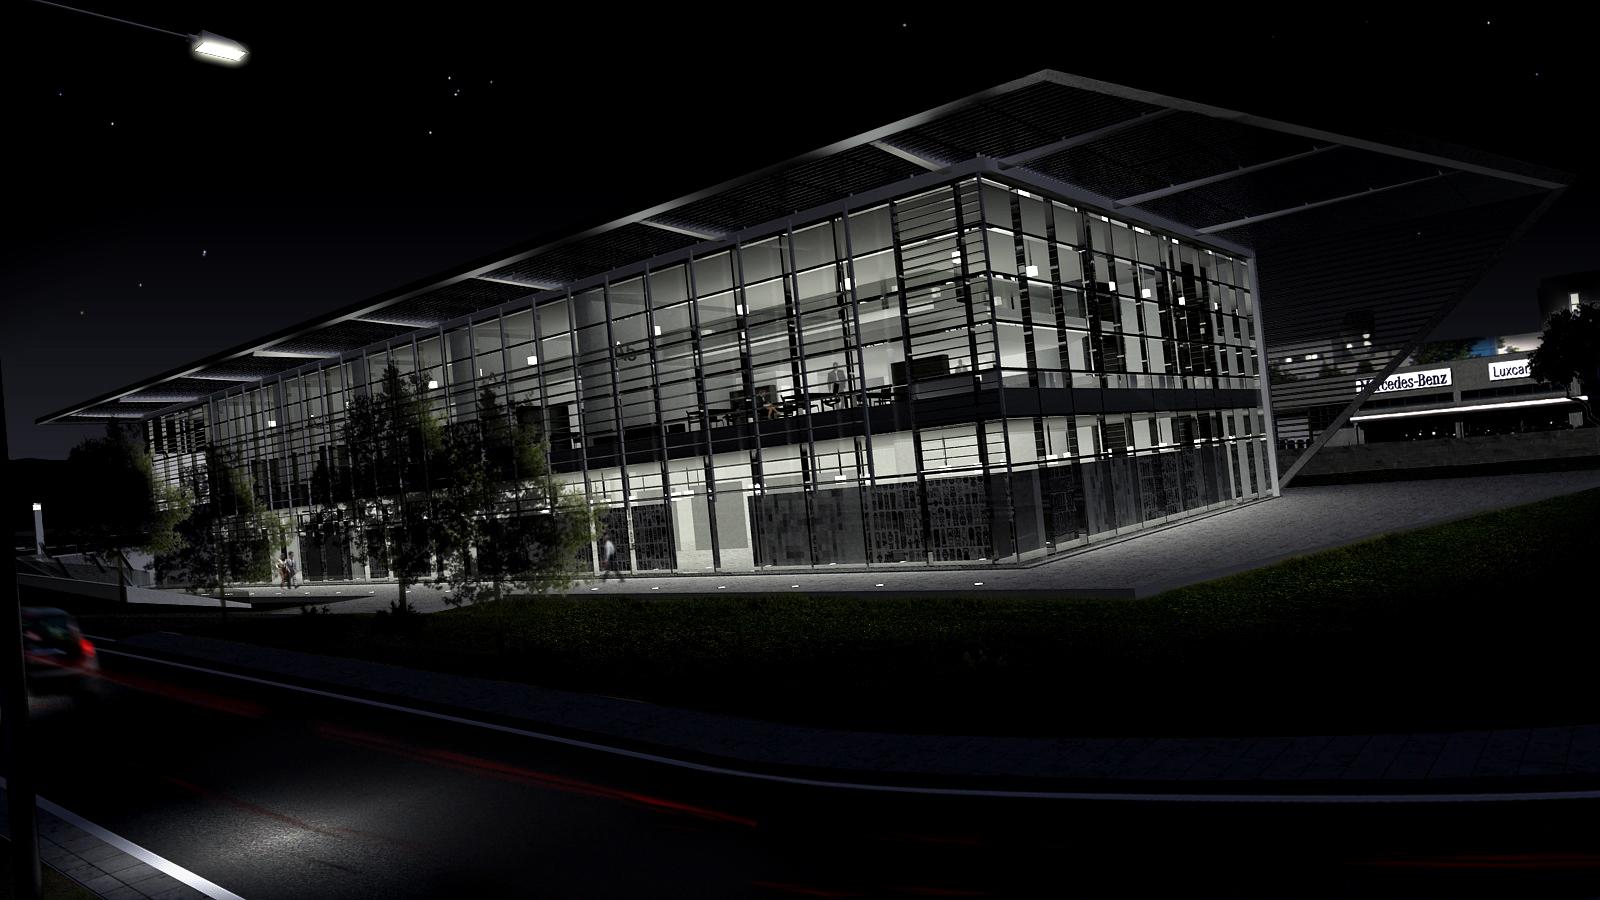 Edificio terziario Pesaro - Vista notturna facciata sud-ovest - Tommaso Vecci